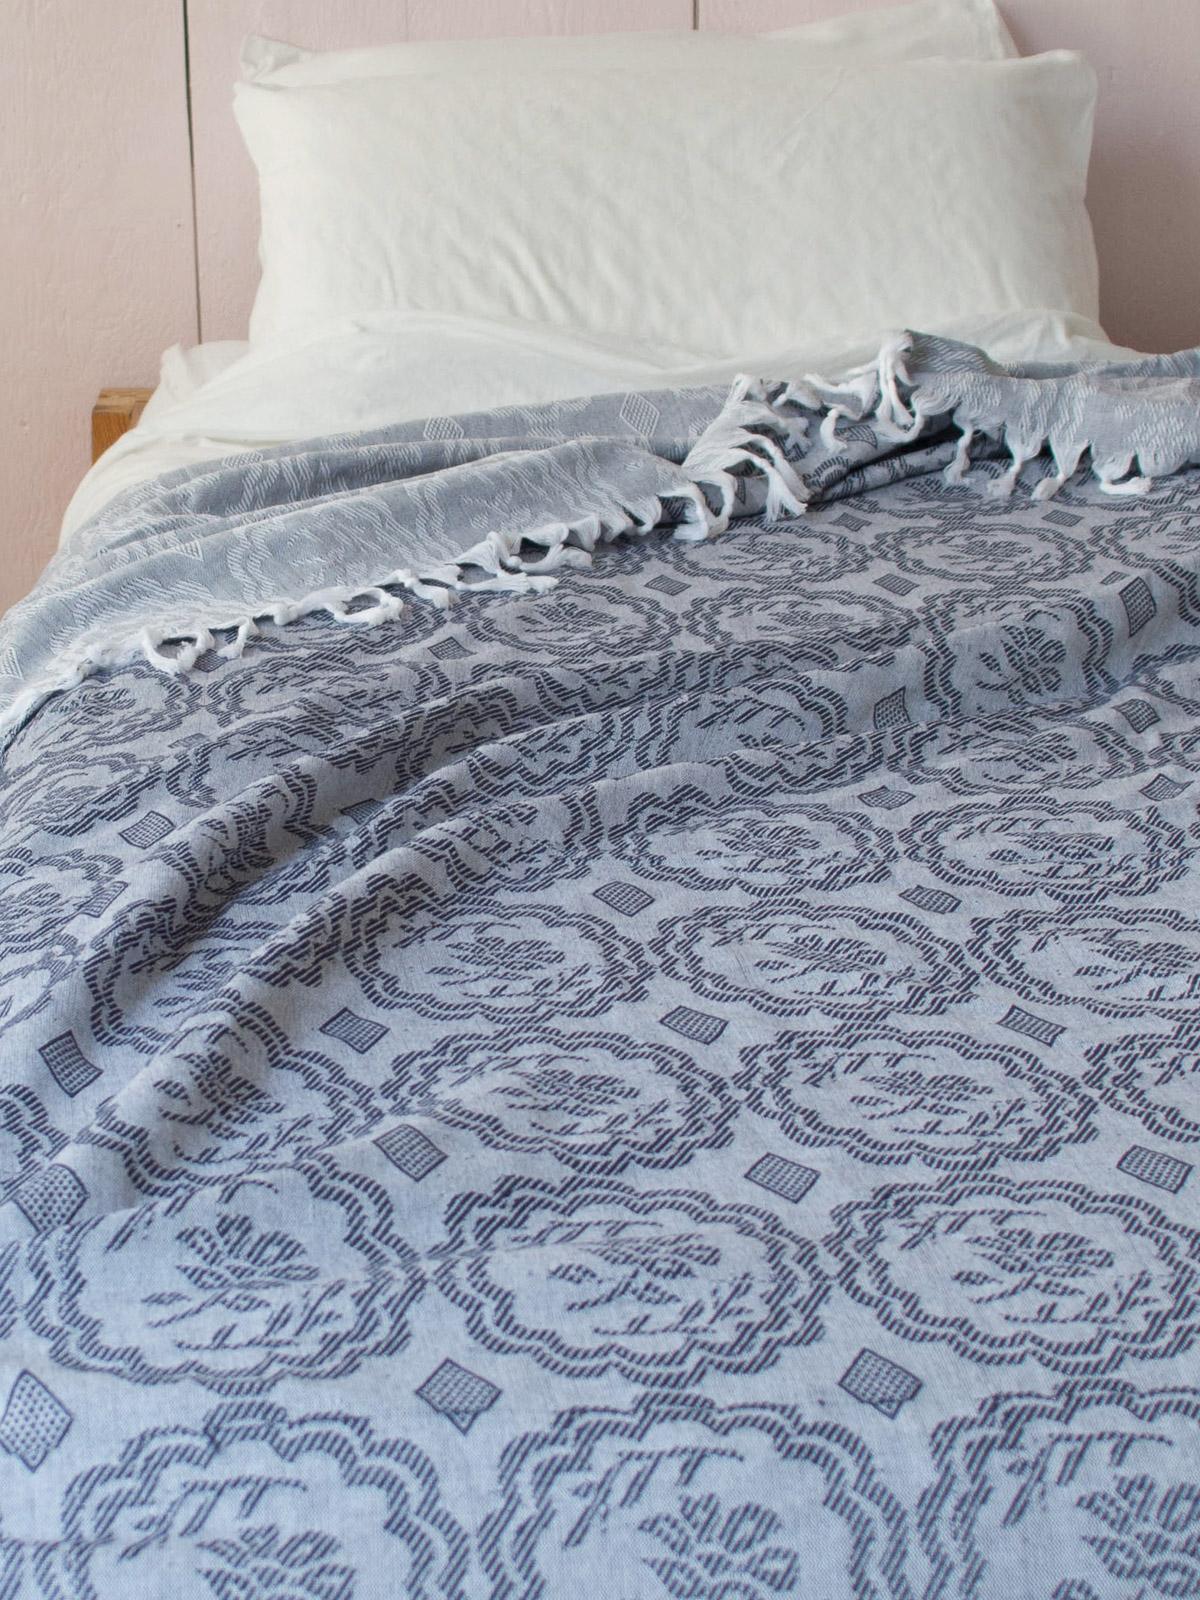 couvre lit d 39 t bleu nuit couvre lit avec frange fleur couvre lits coussins ottomania. Black Bedroom Furniture Sets. Home Design Ideas